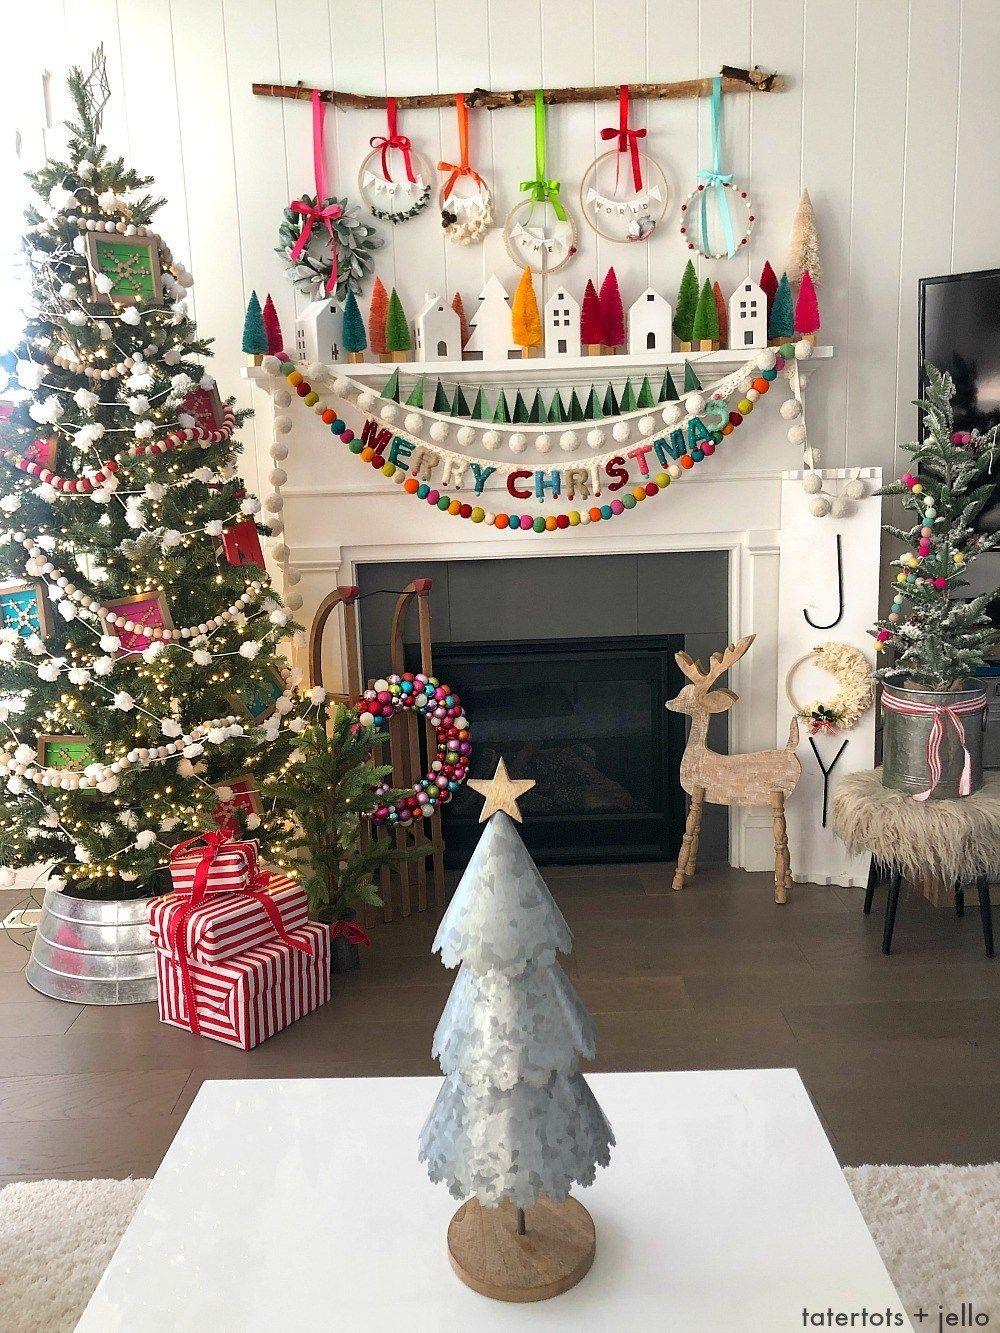 78 DIY Christmas Decorations , Homemade Christmas Decor Ideas